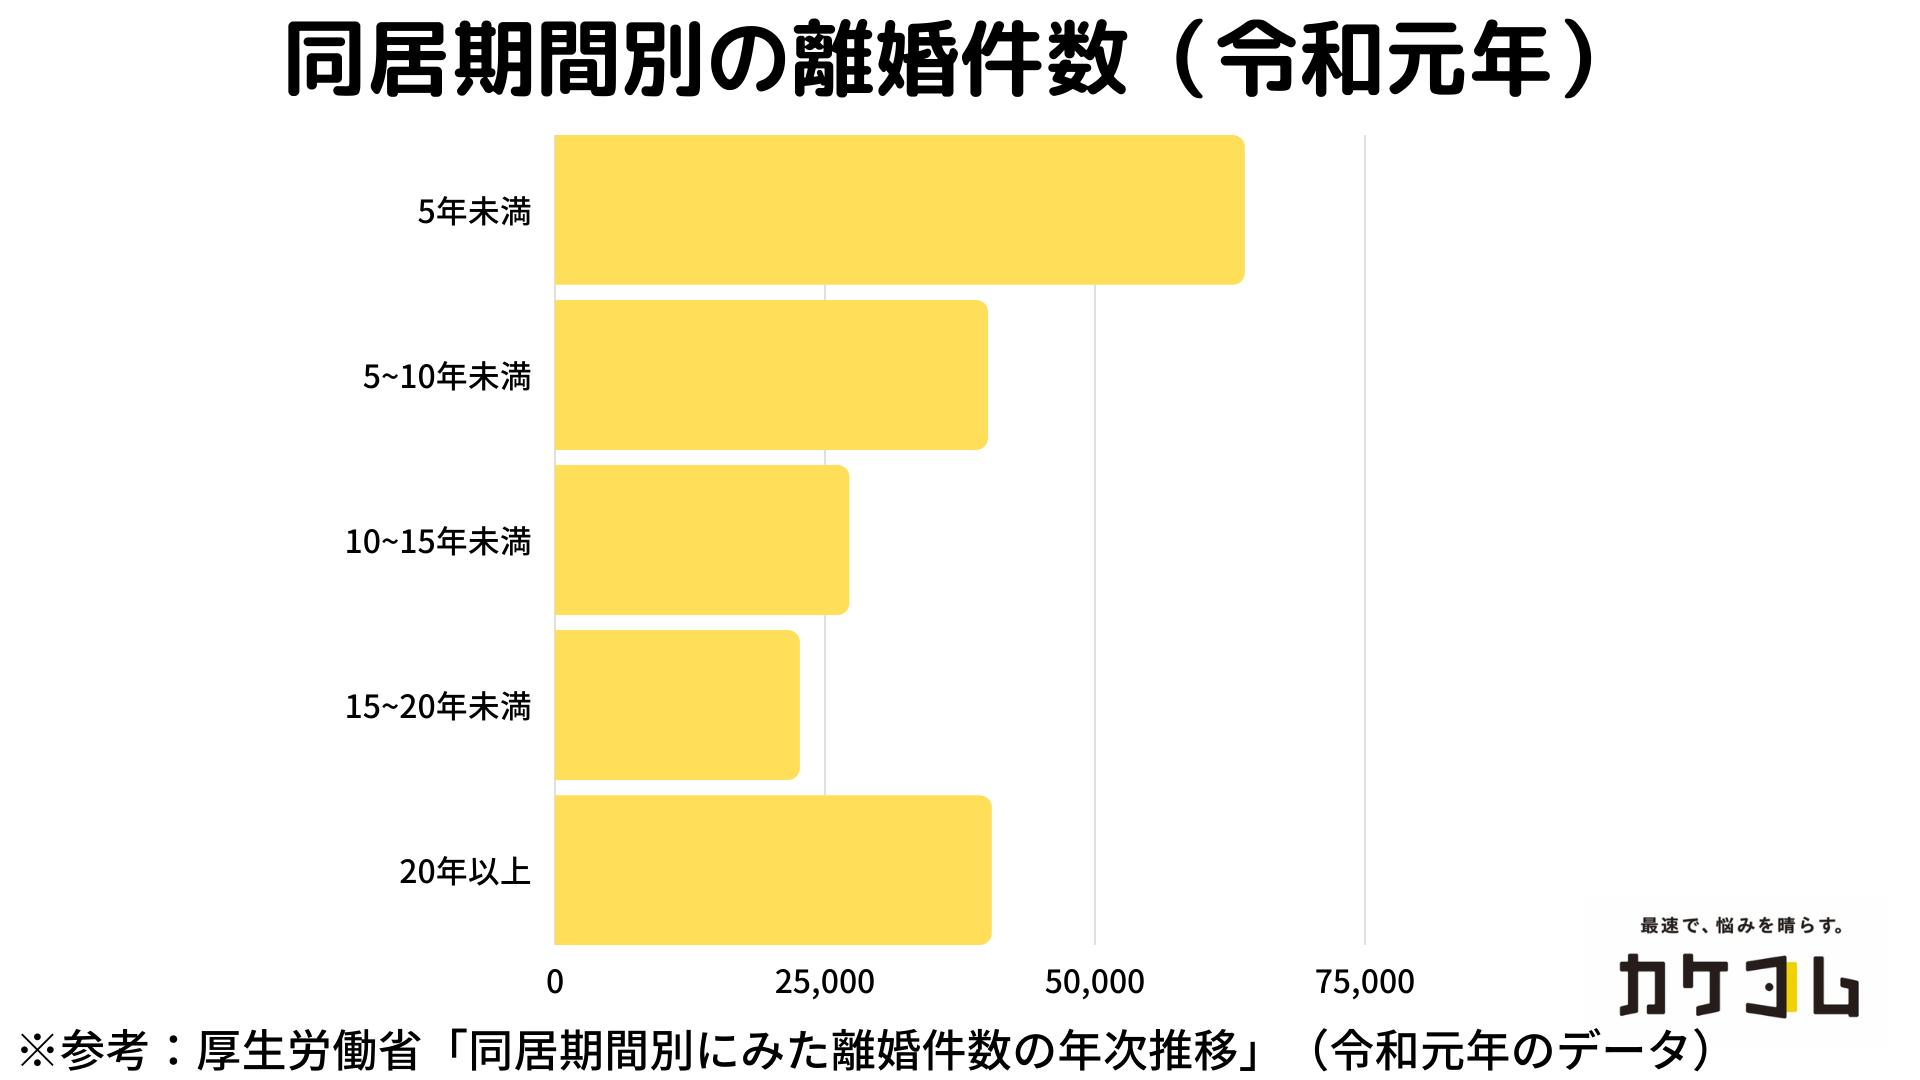 同居期間ごとの離婚件数のグラフ(令和元年)